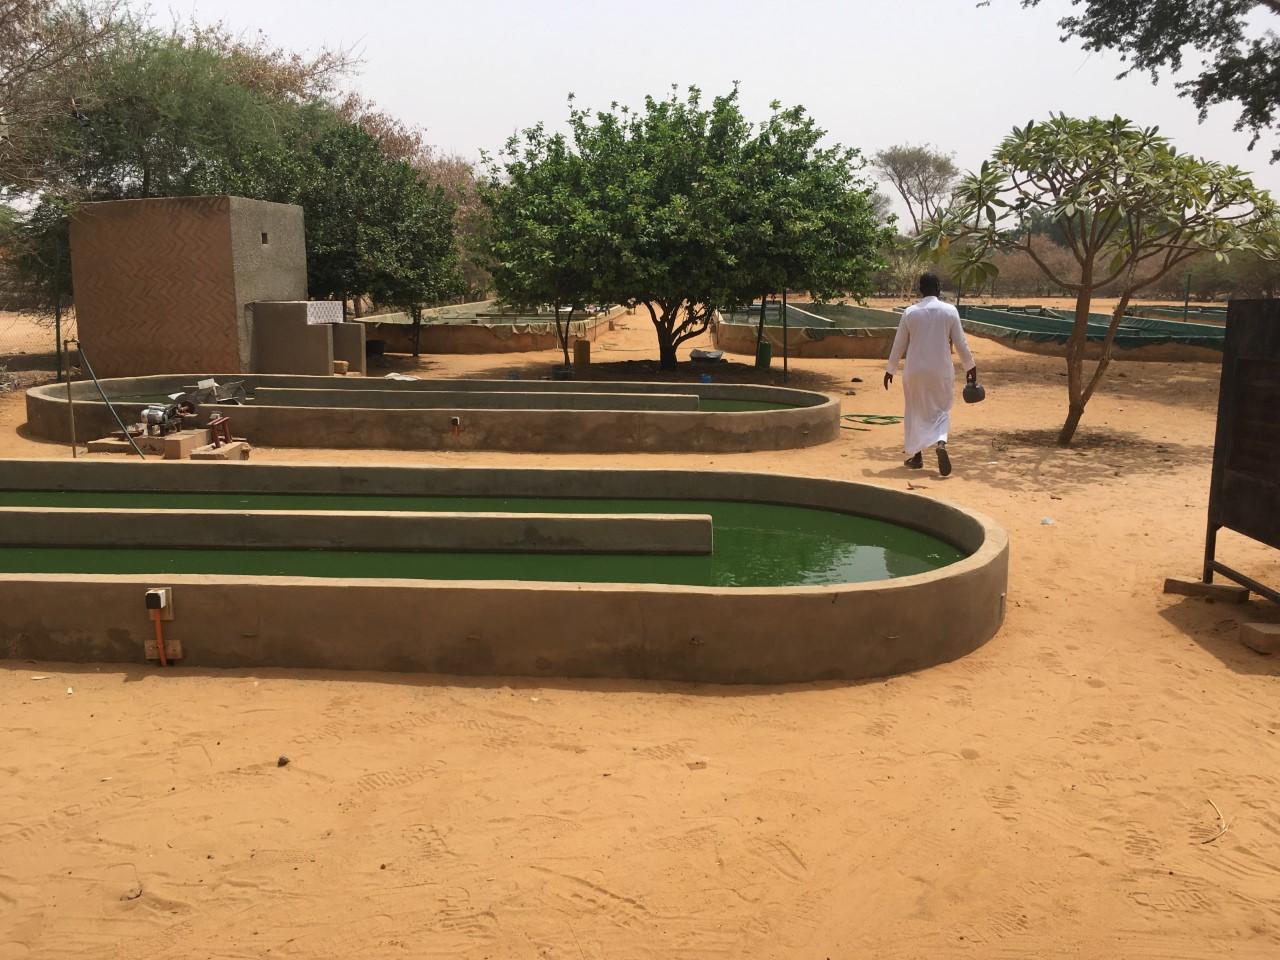 Au détour de nos voyages, voir la vie en vert nous a conduit à découvrir la spiruline… - Fanny Parise, Mars 2019 à Dogondoutchi (Niger).